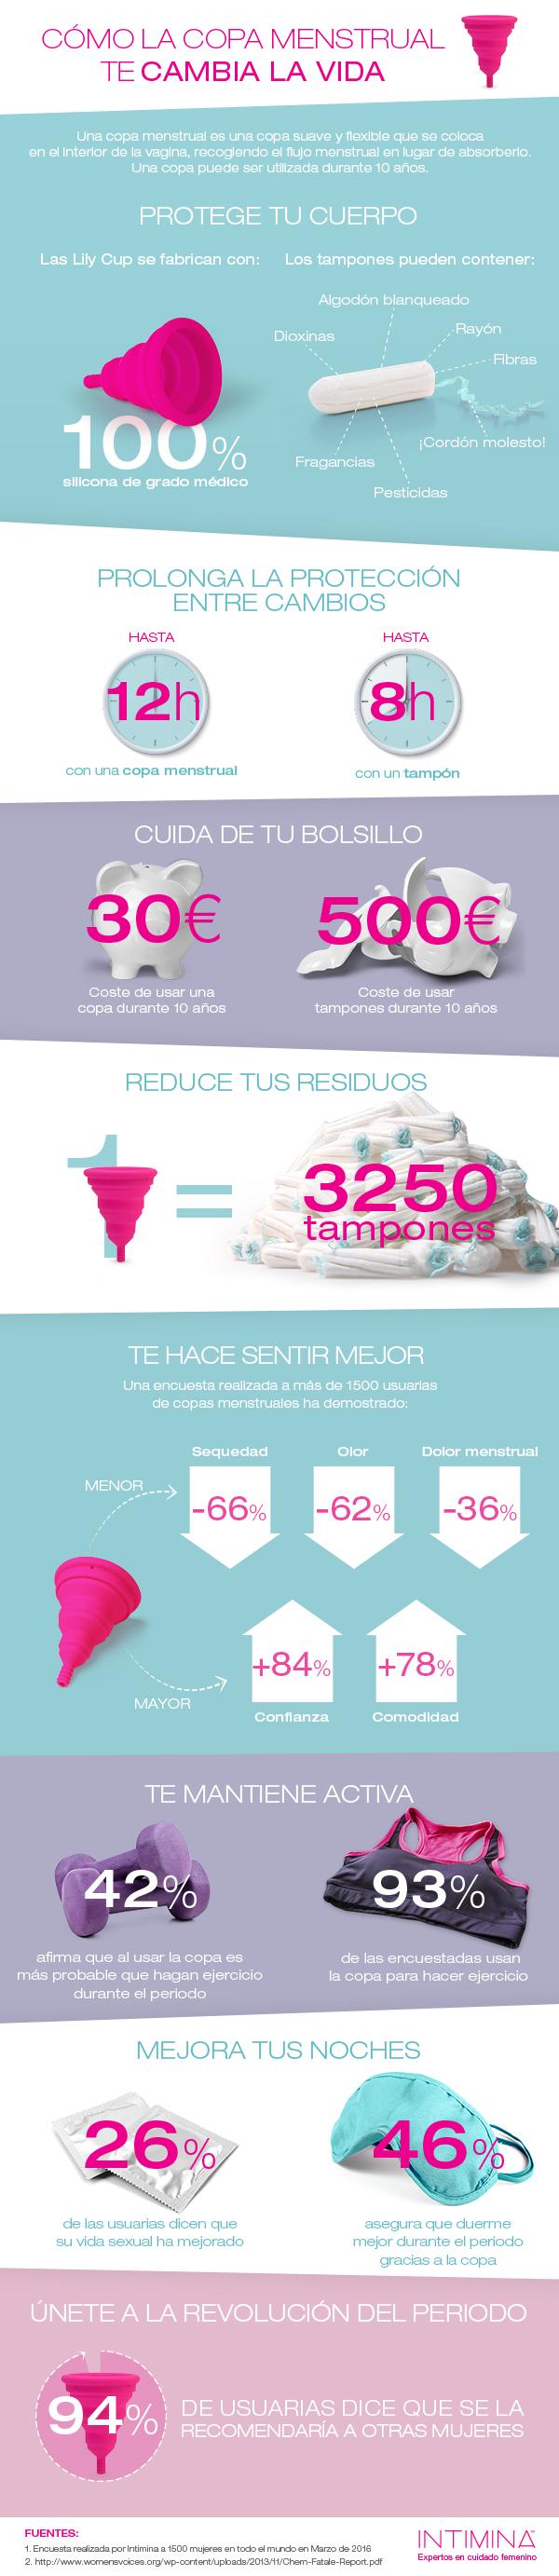 infografía sobre copas menstruales